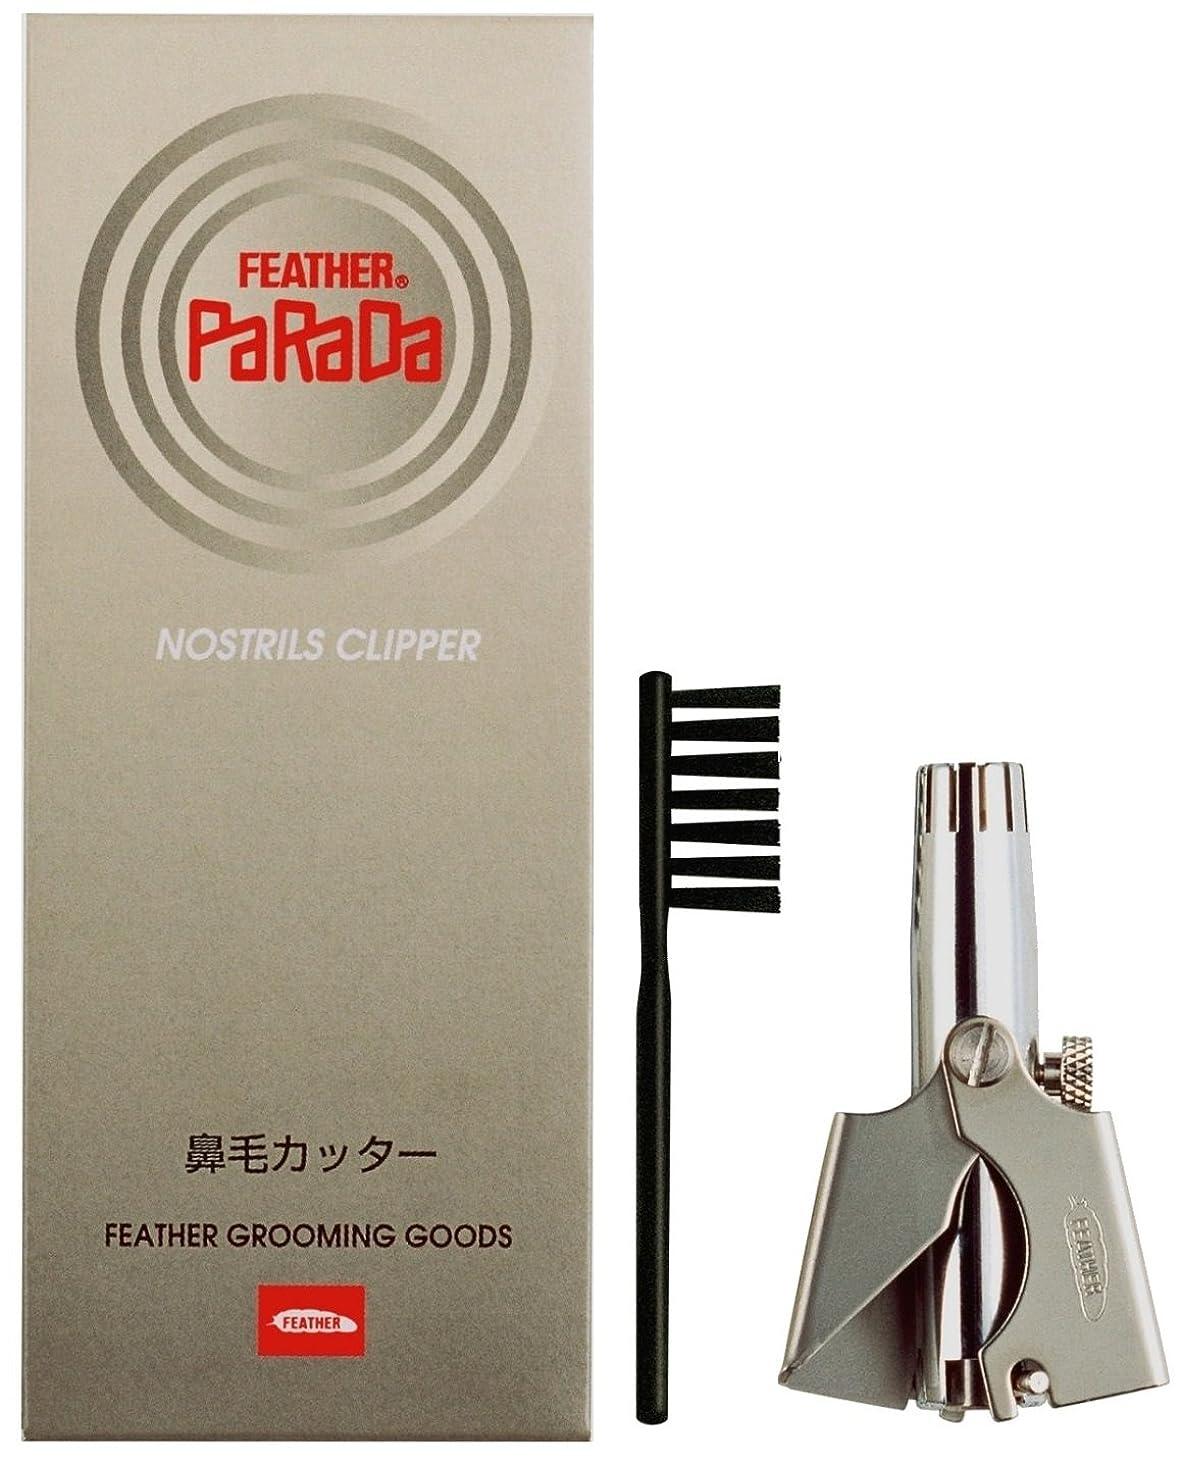 可聴音トリムフェザー パラダ鼻毛カッター ハコ